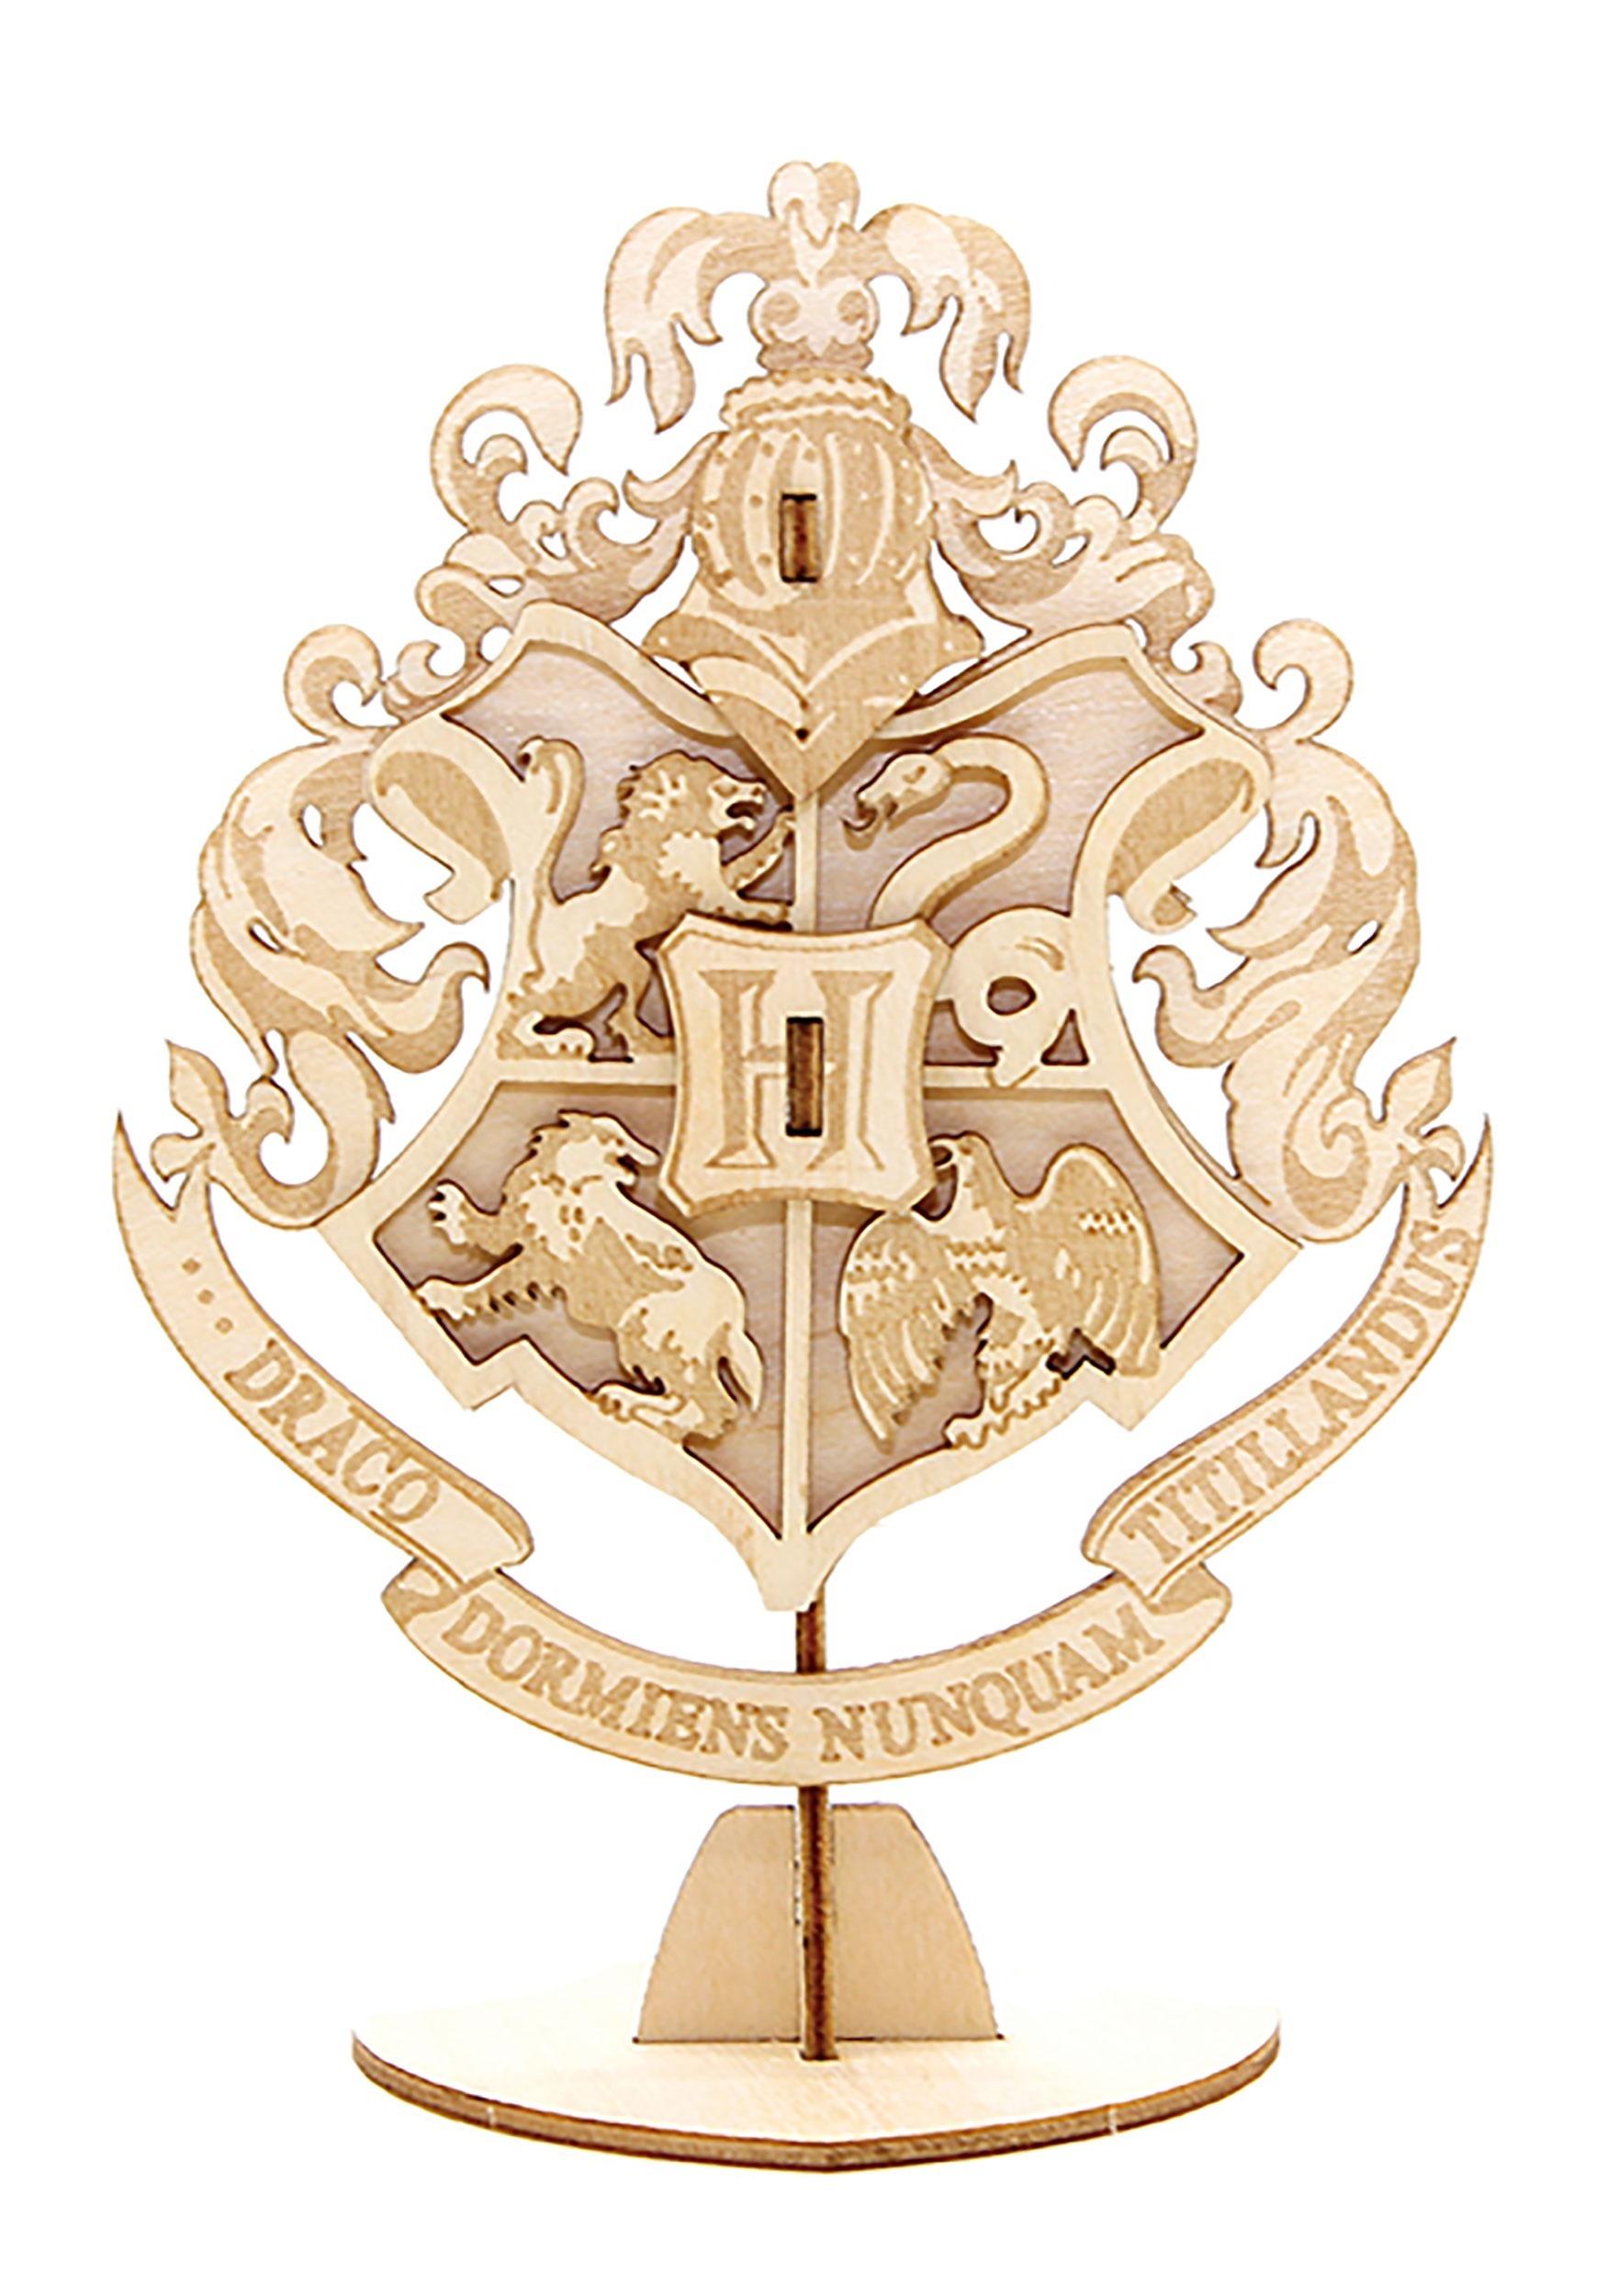 af33e417800 Harry Potter Hogwarts Crest 3D Wood Model   Book1